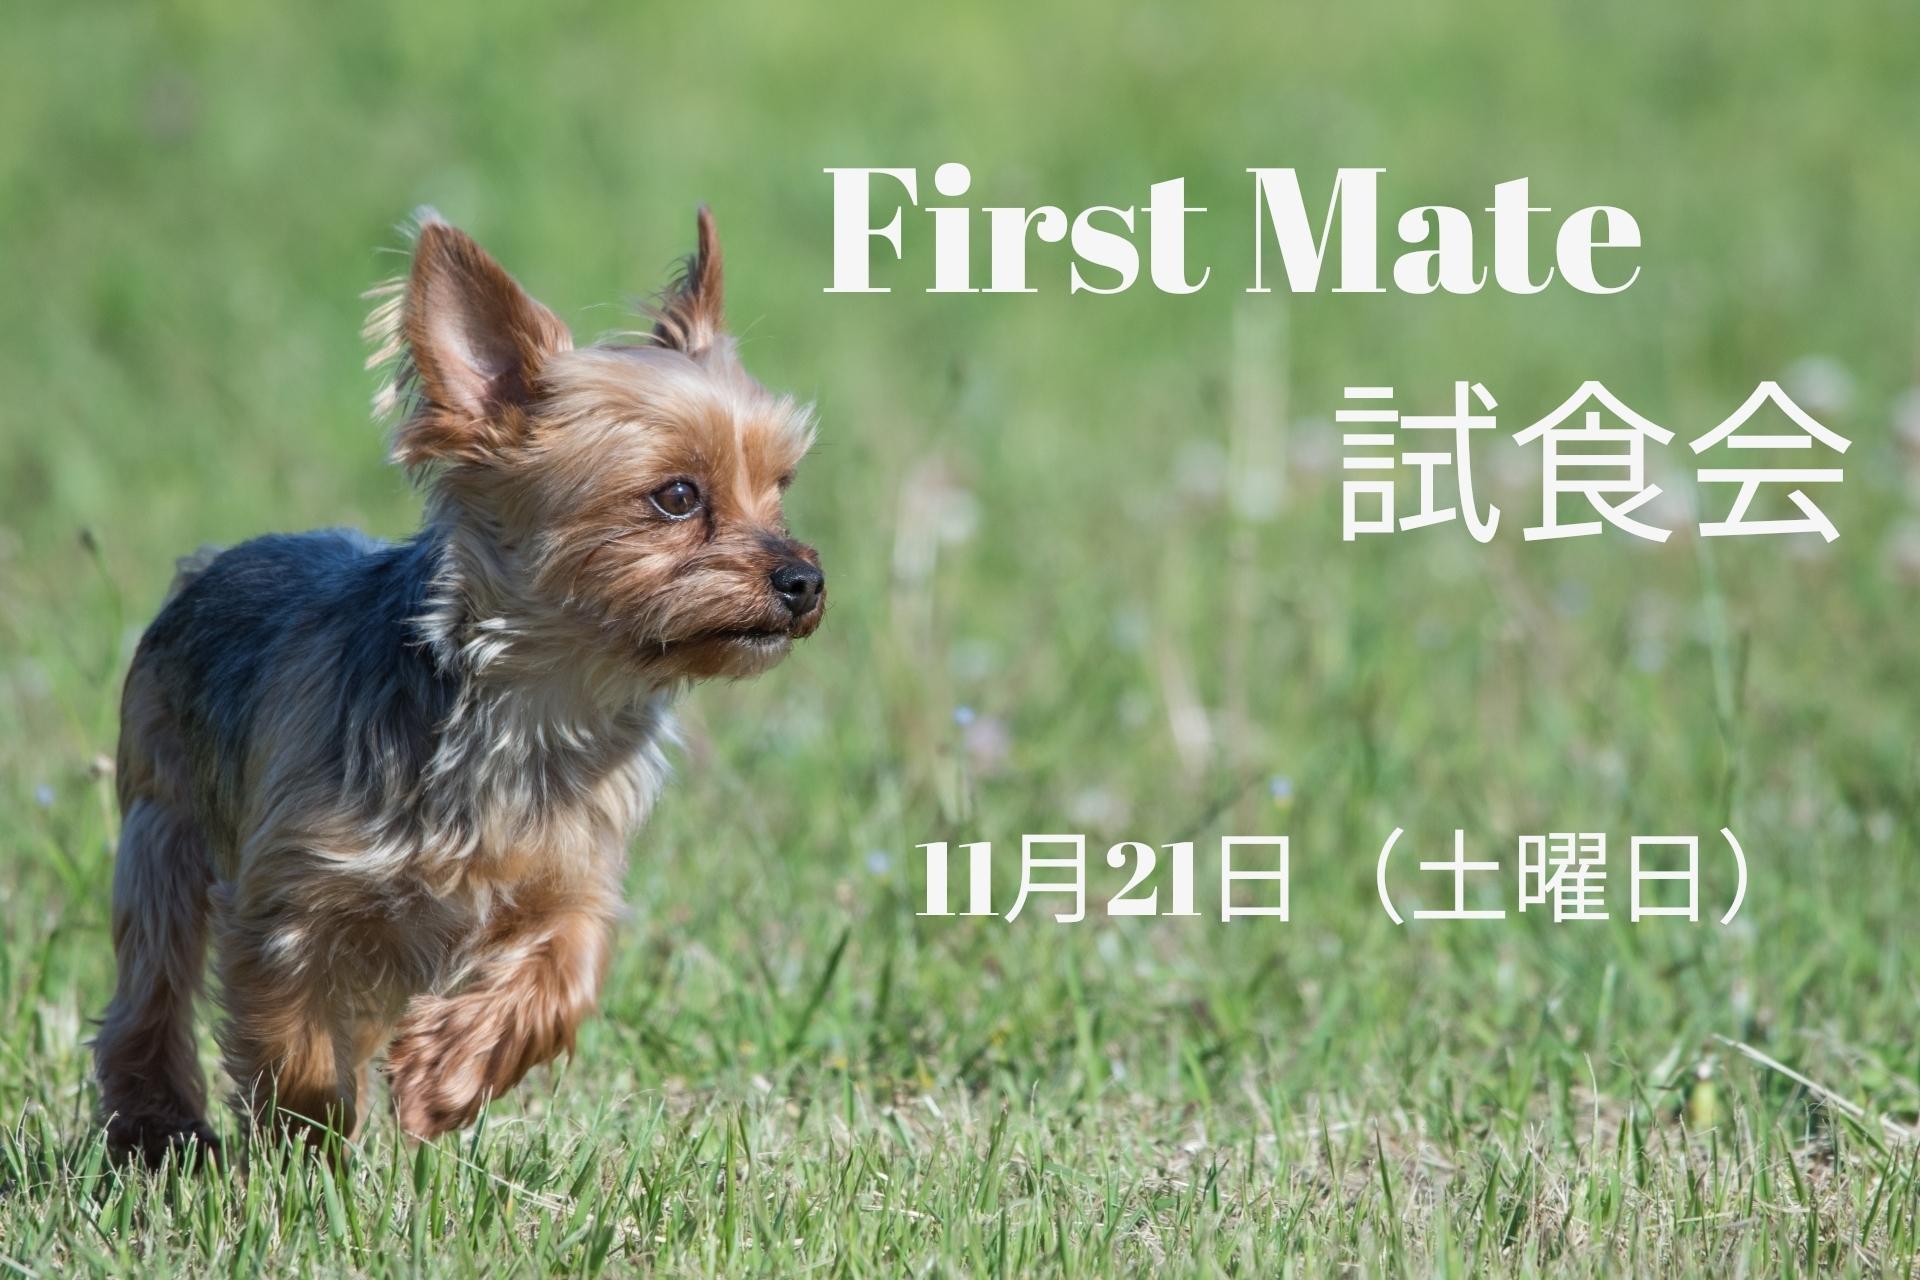 2020/11/21 宝塚 「First Mate」試食会